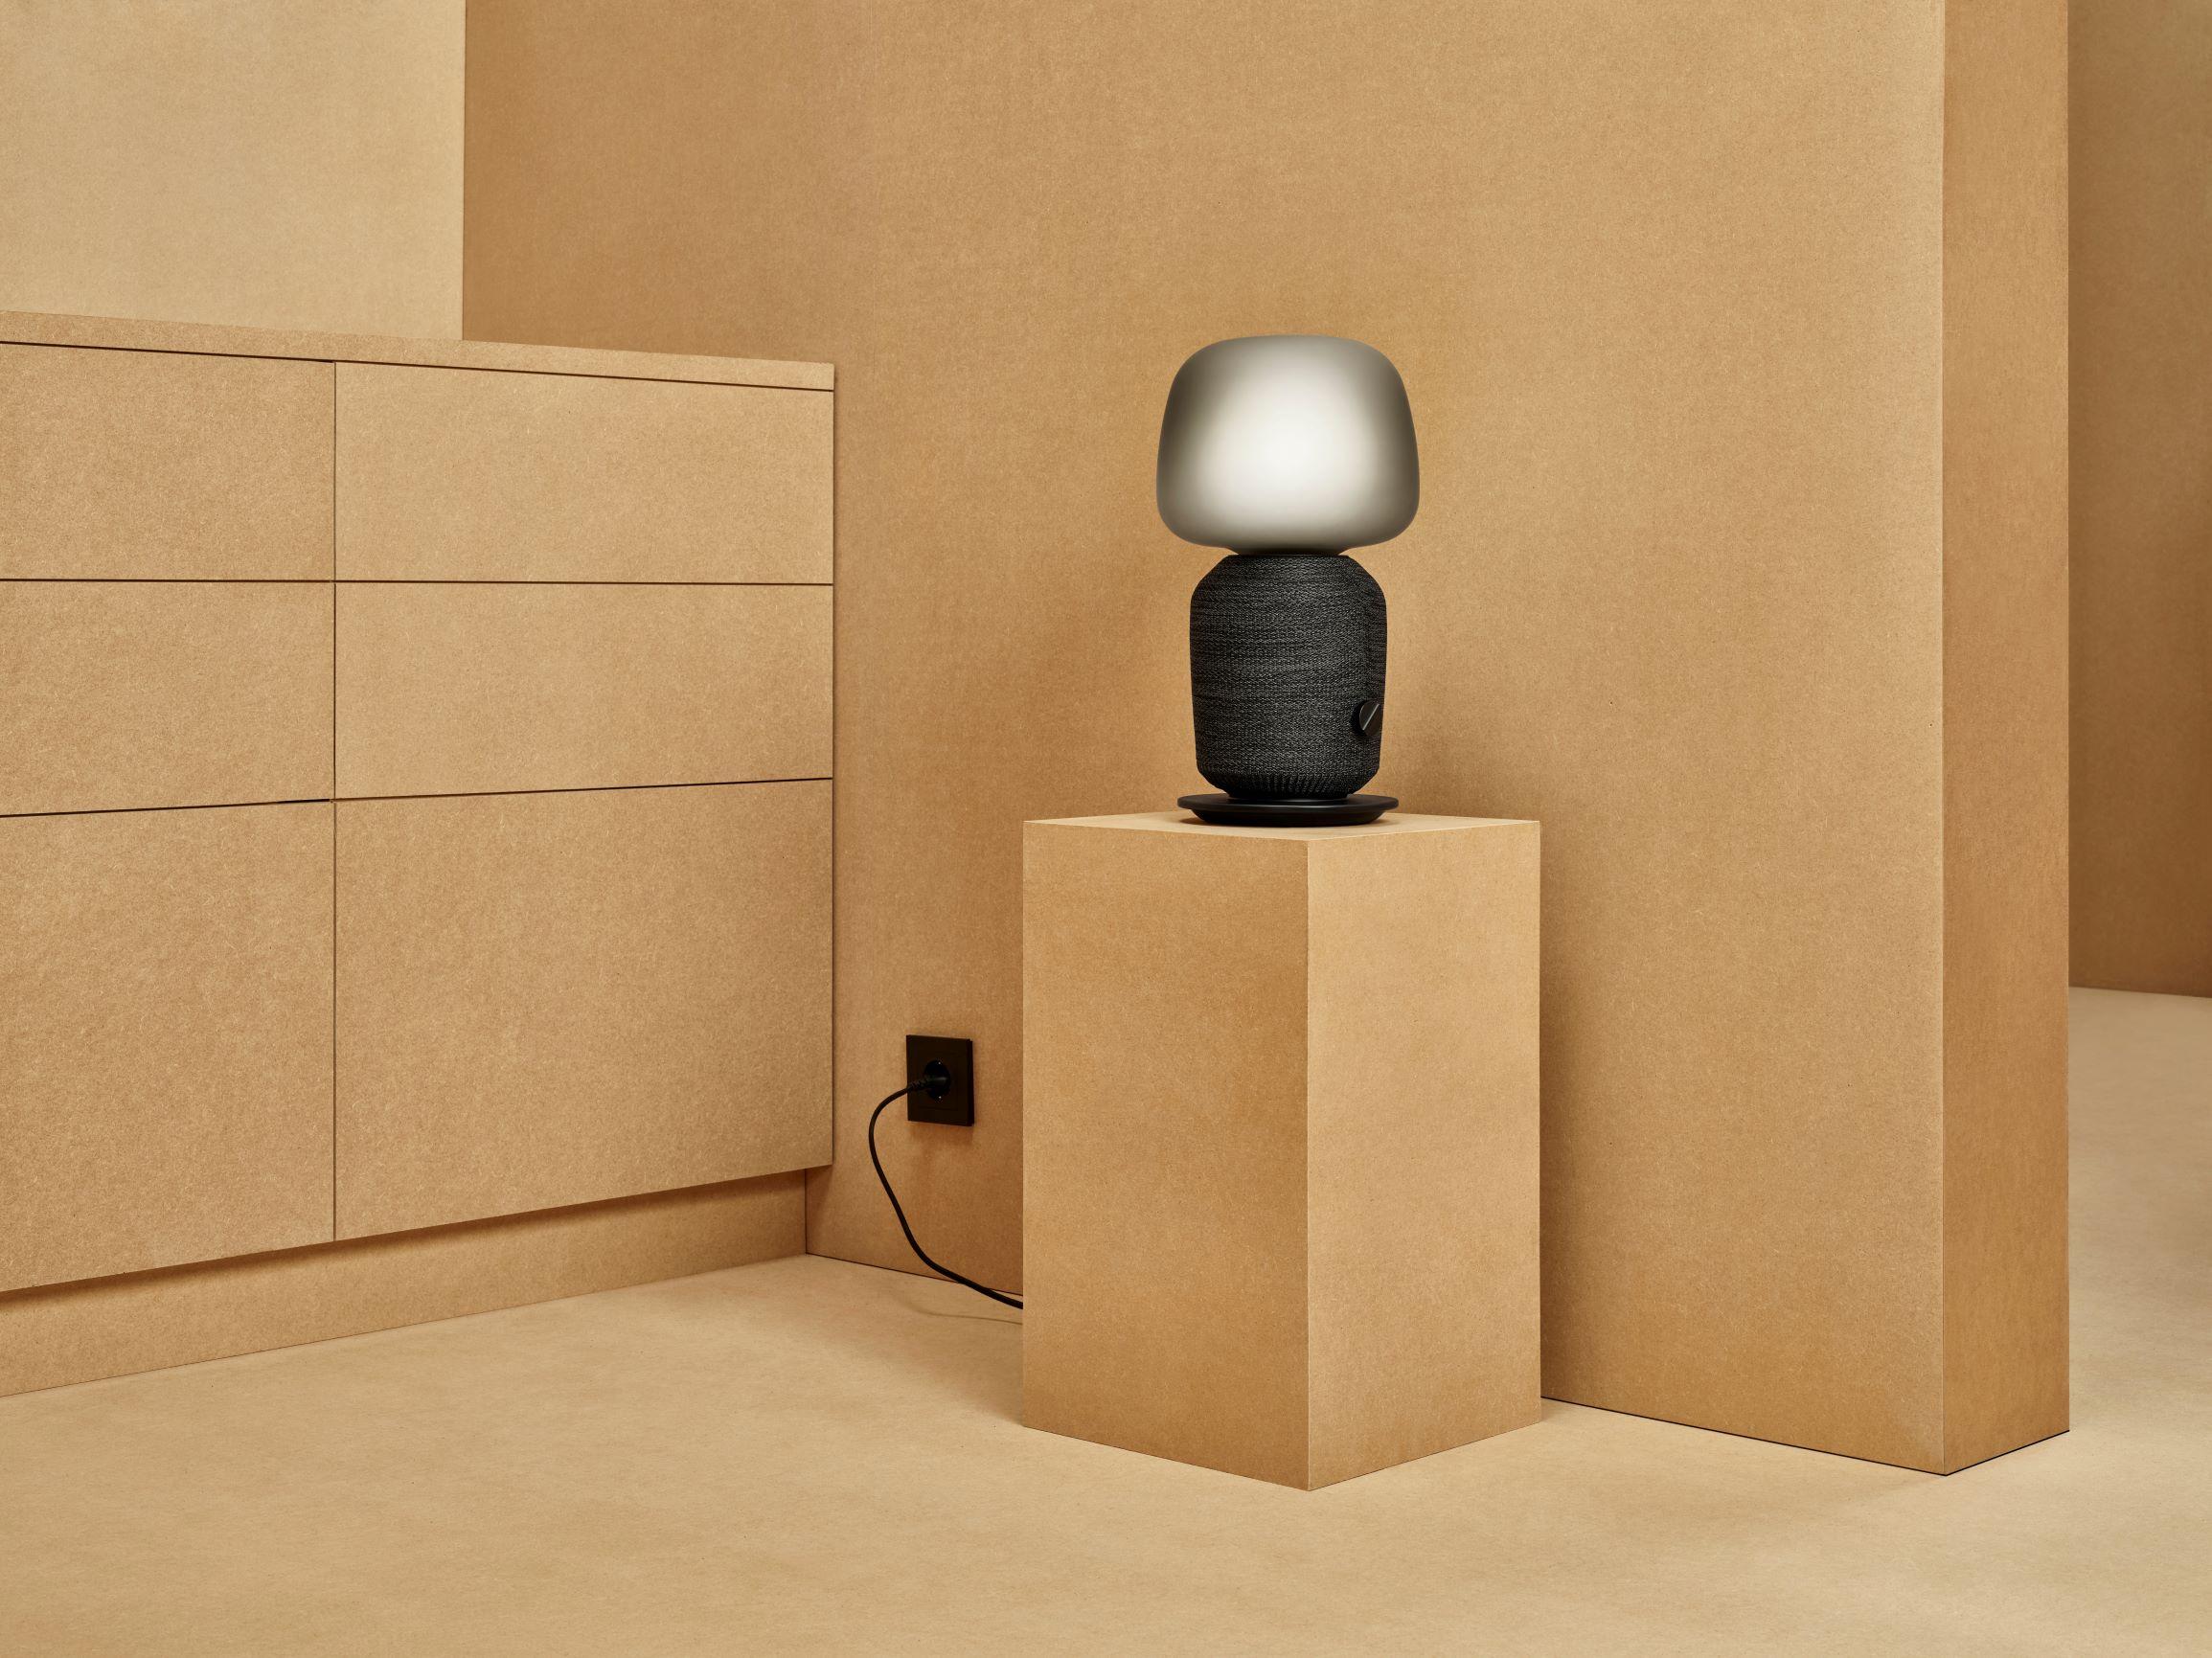 Ikea widzi w inteligentnych domach przyszłość, w którą warto zainwestować 20